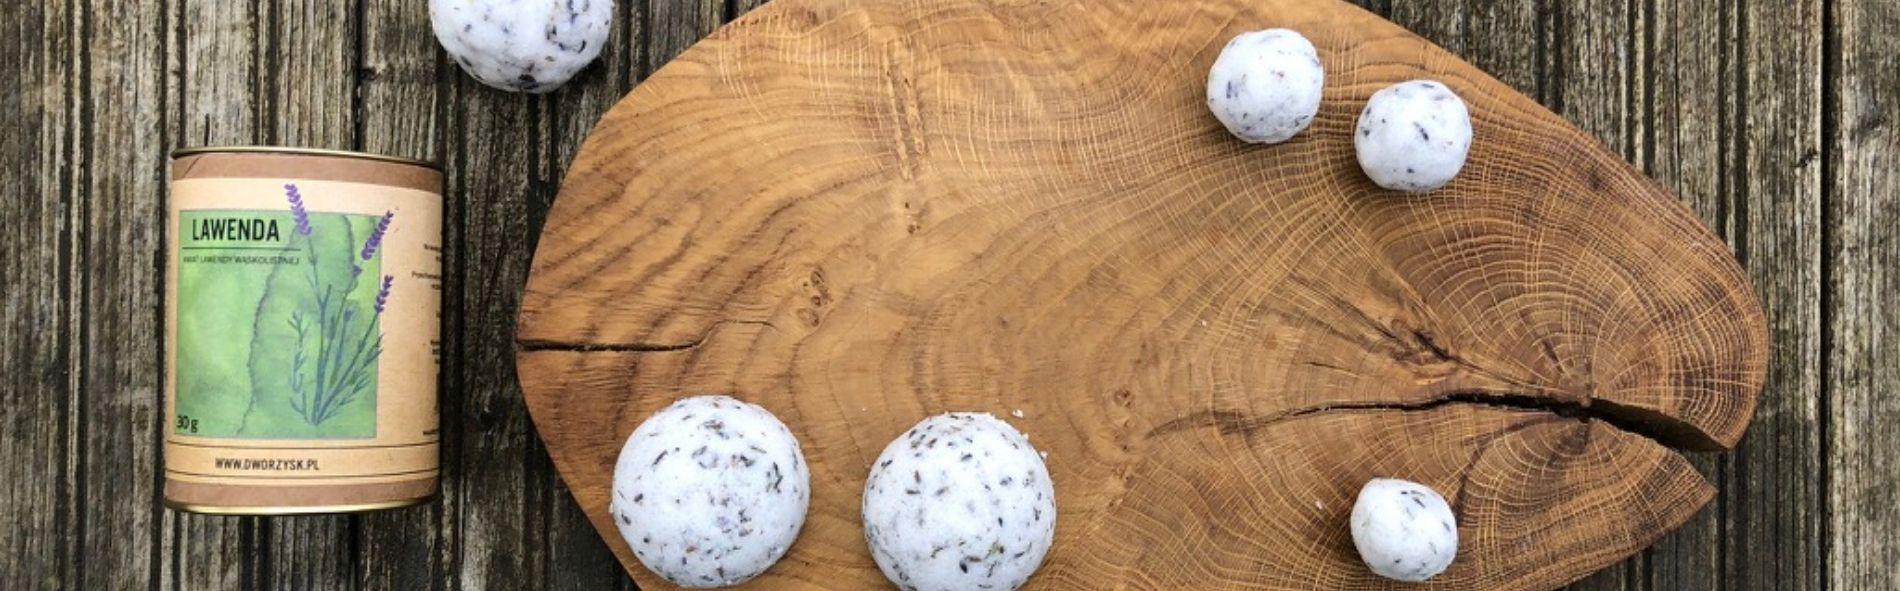 lawendowe kule kąpielowe